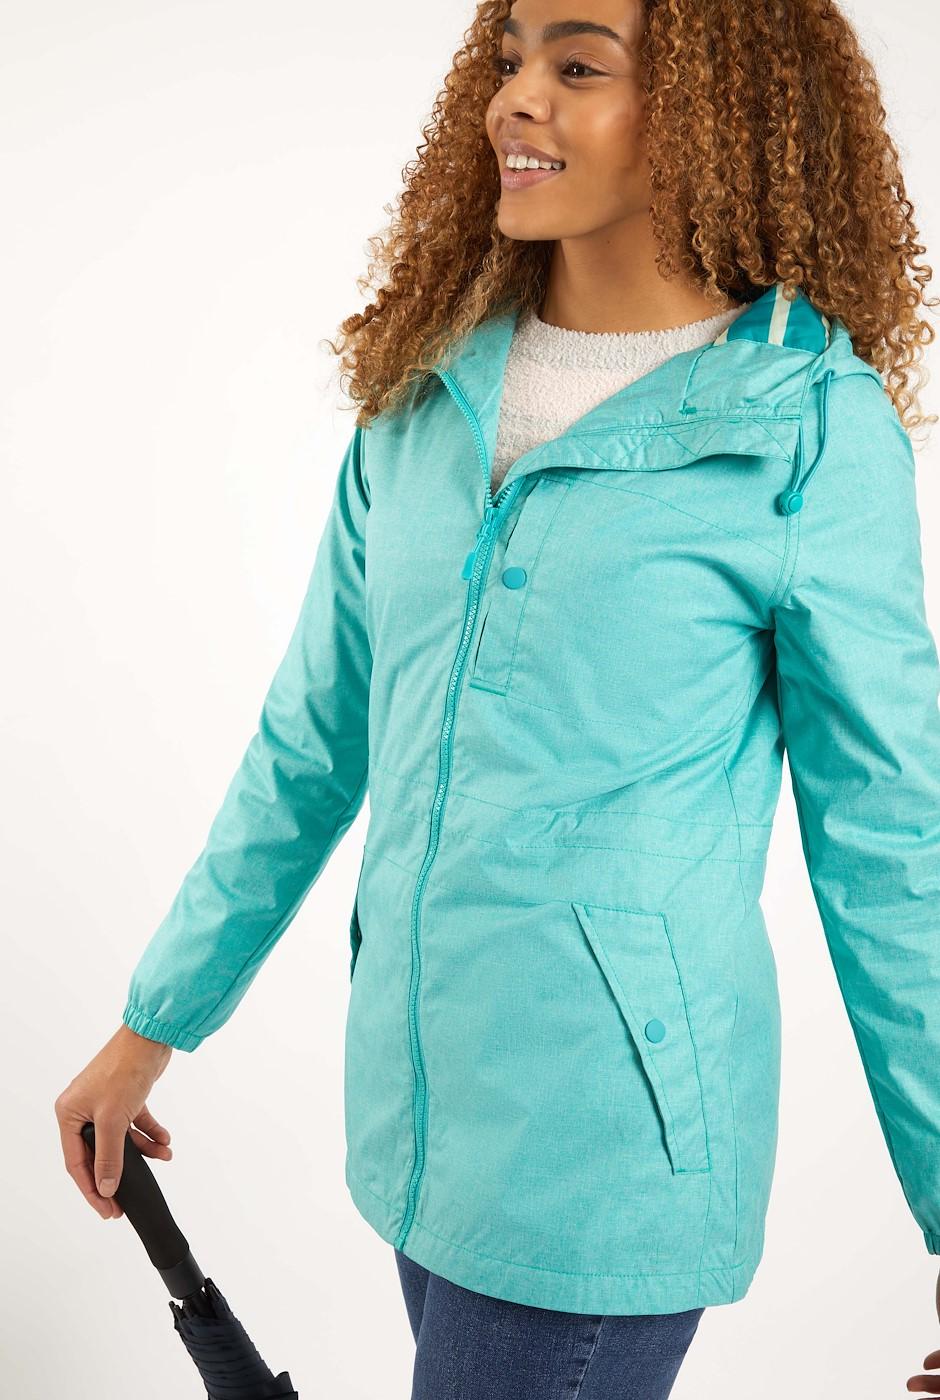 Teramo Showerproof Jacket Light Teal